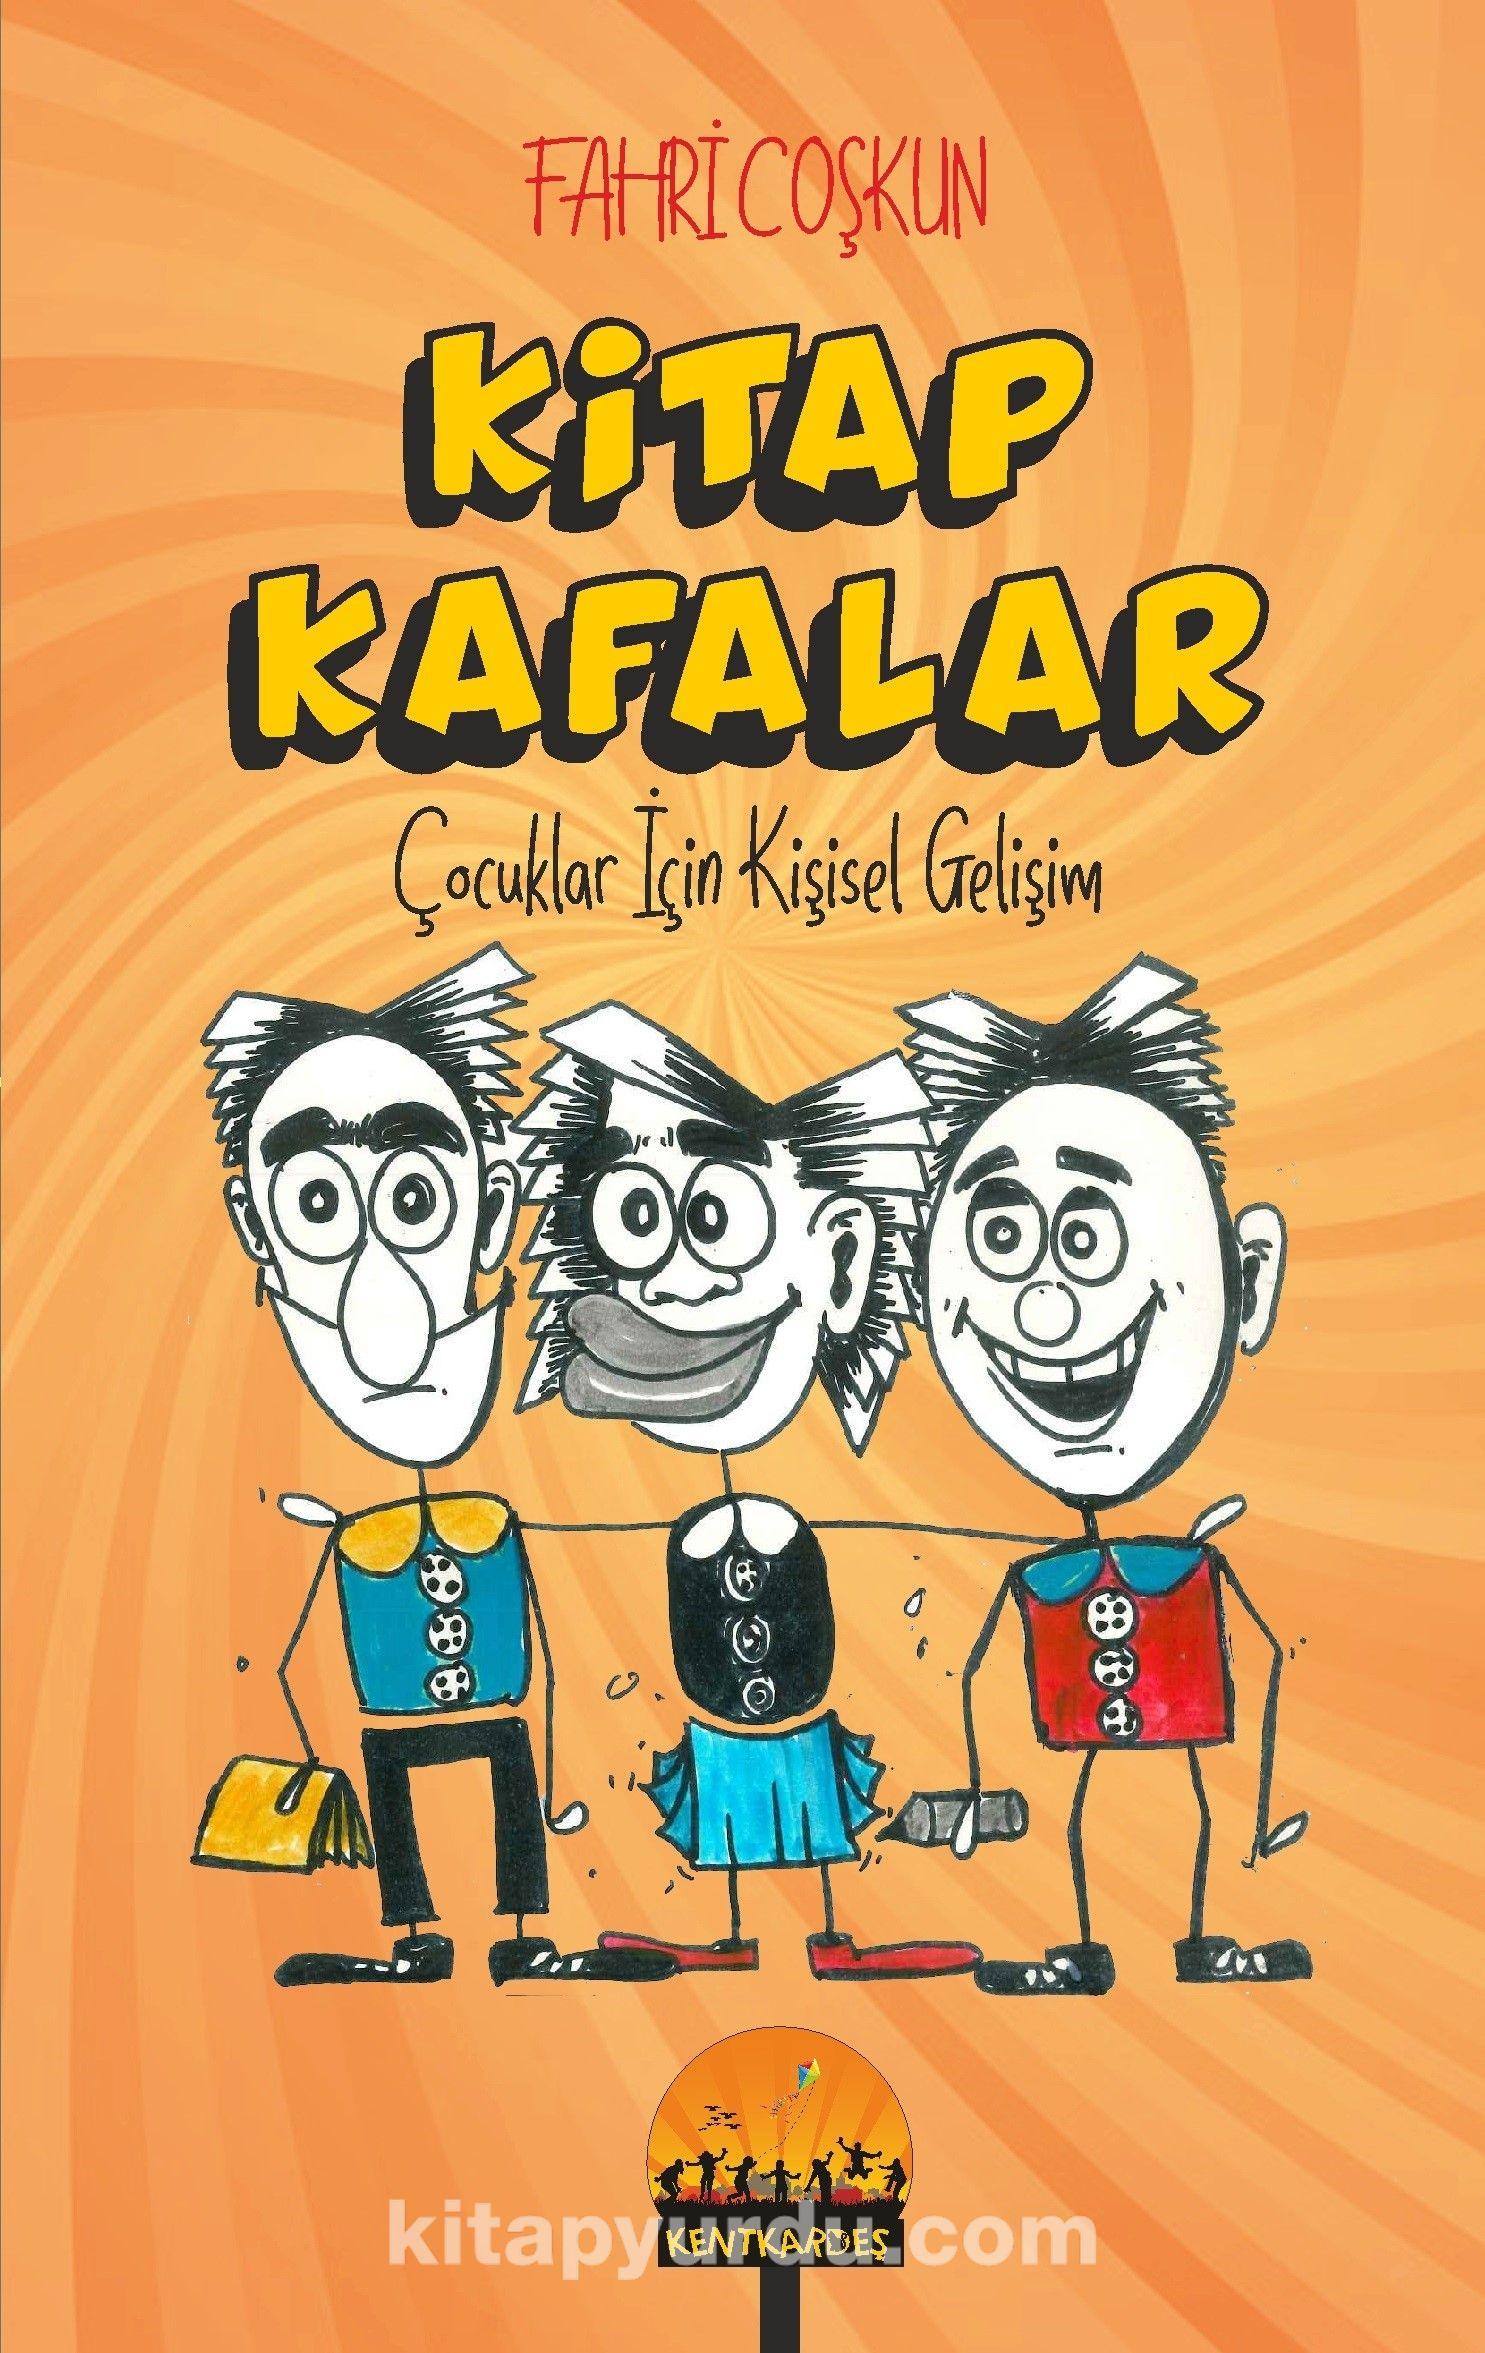 Kitap KafalarÇocuklar İçin Kişisel Gelişim - Fahri Coşkun pdf epub